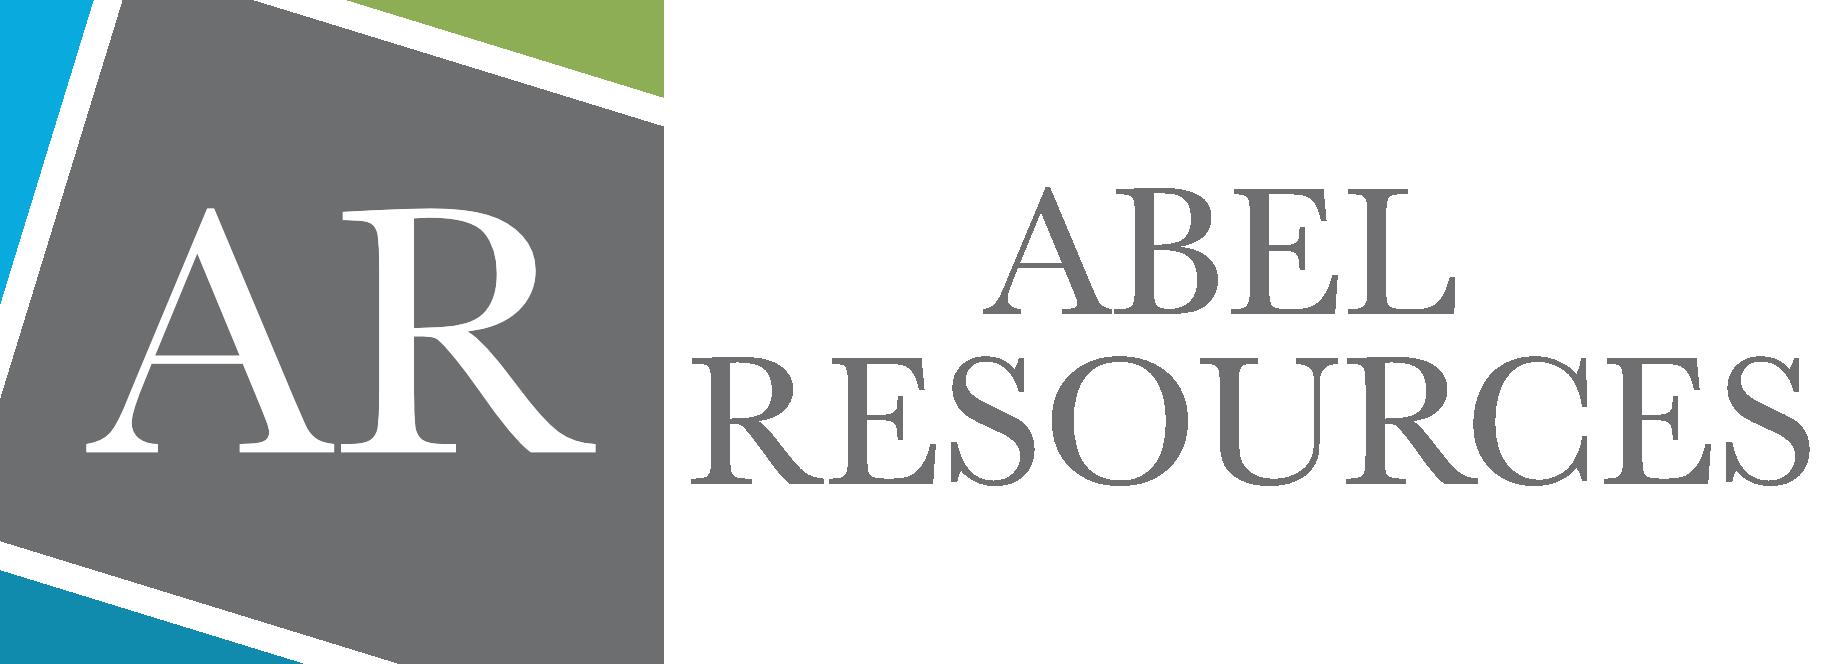 Abel Resources - We Buy Land